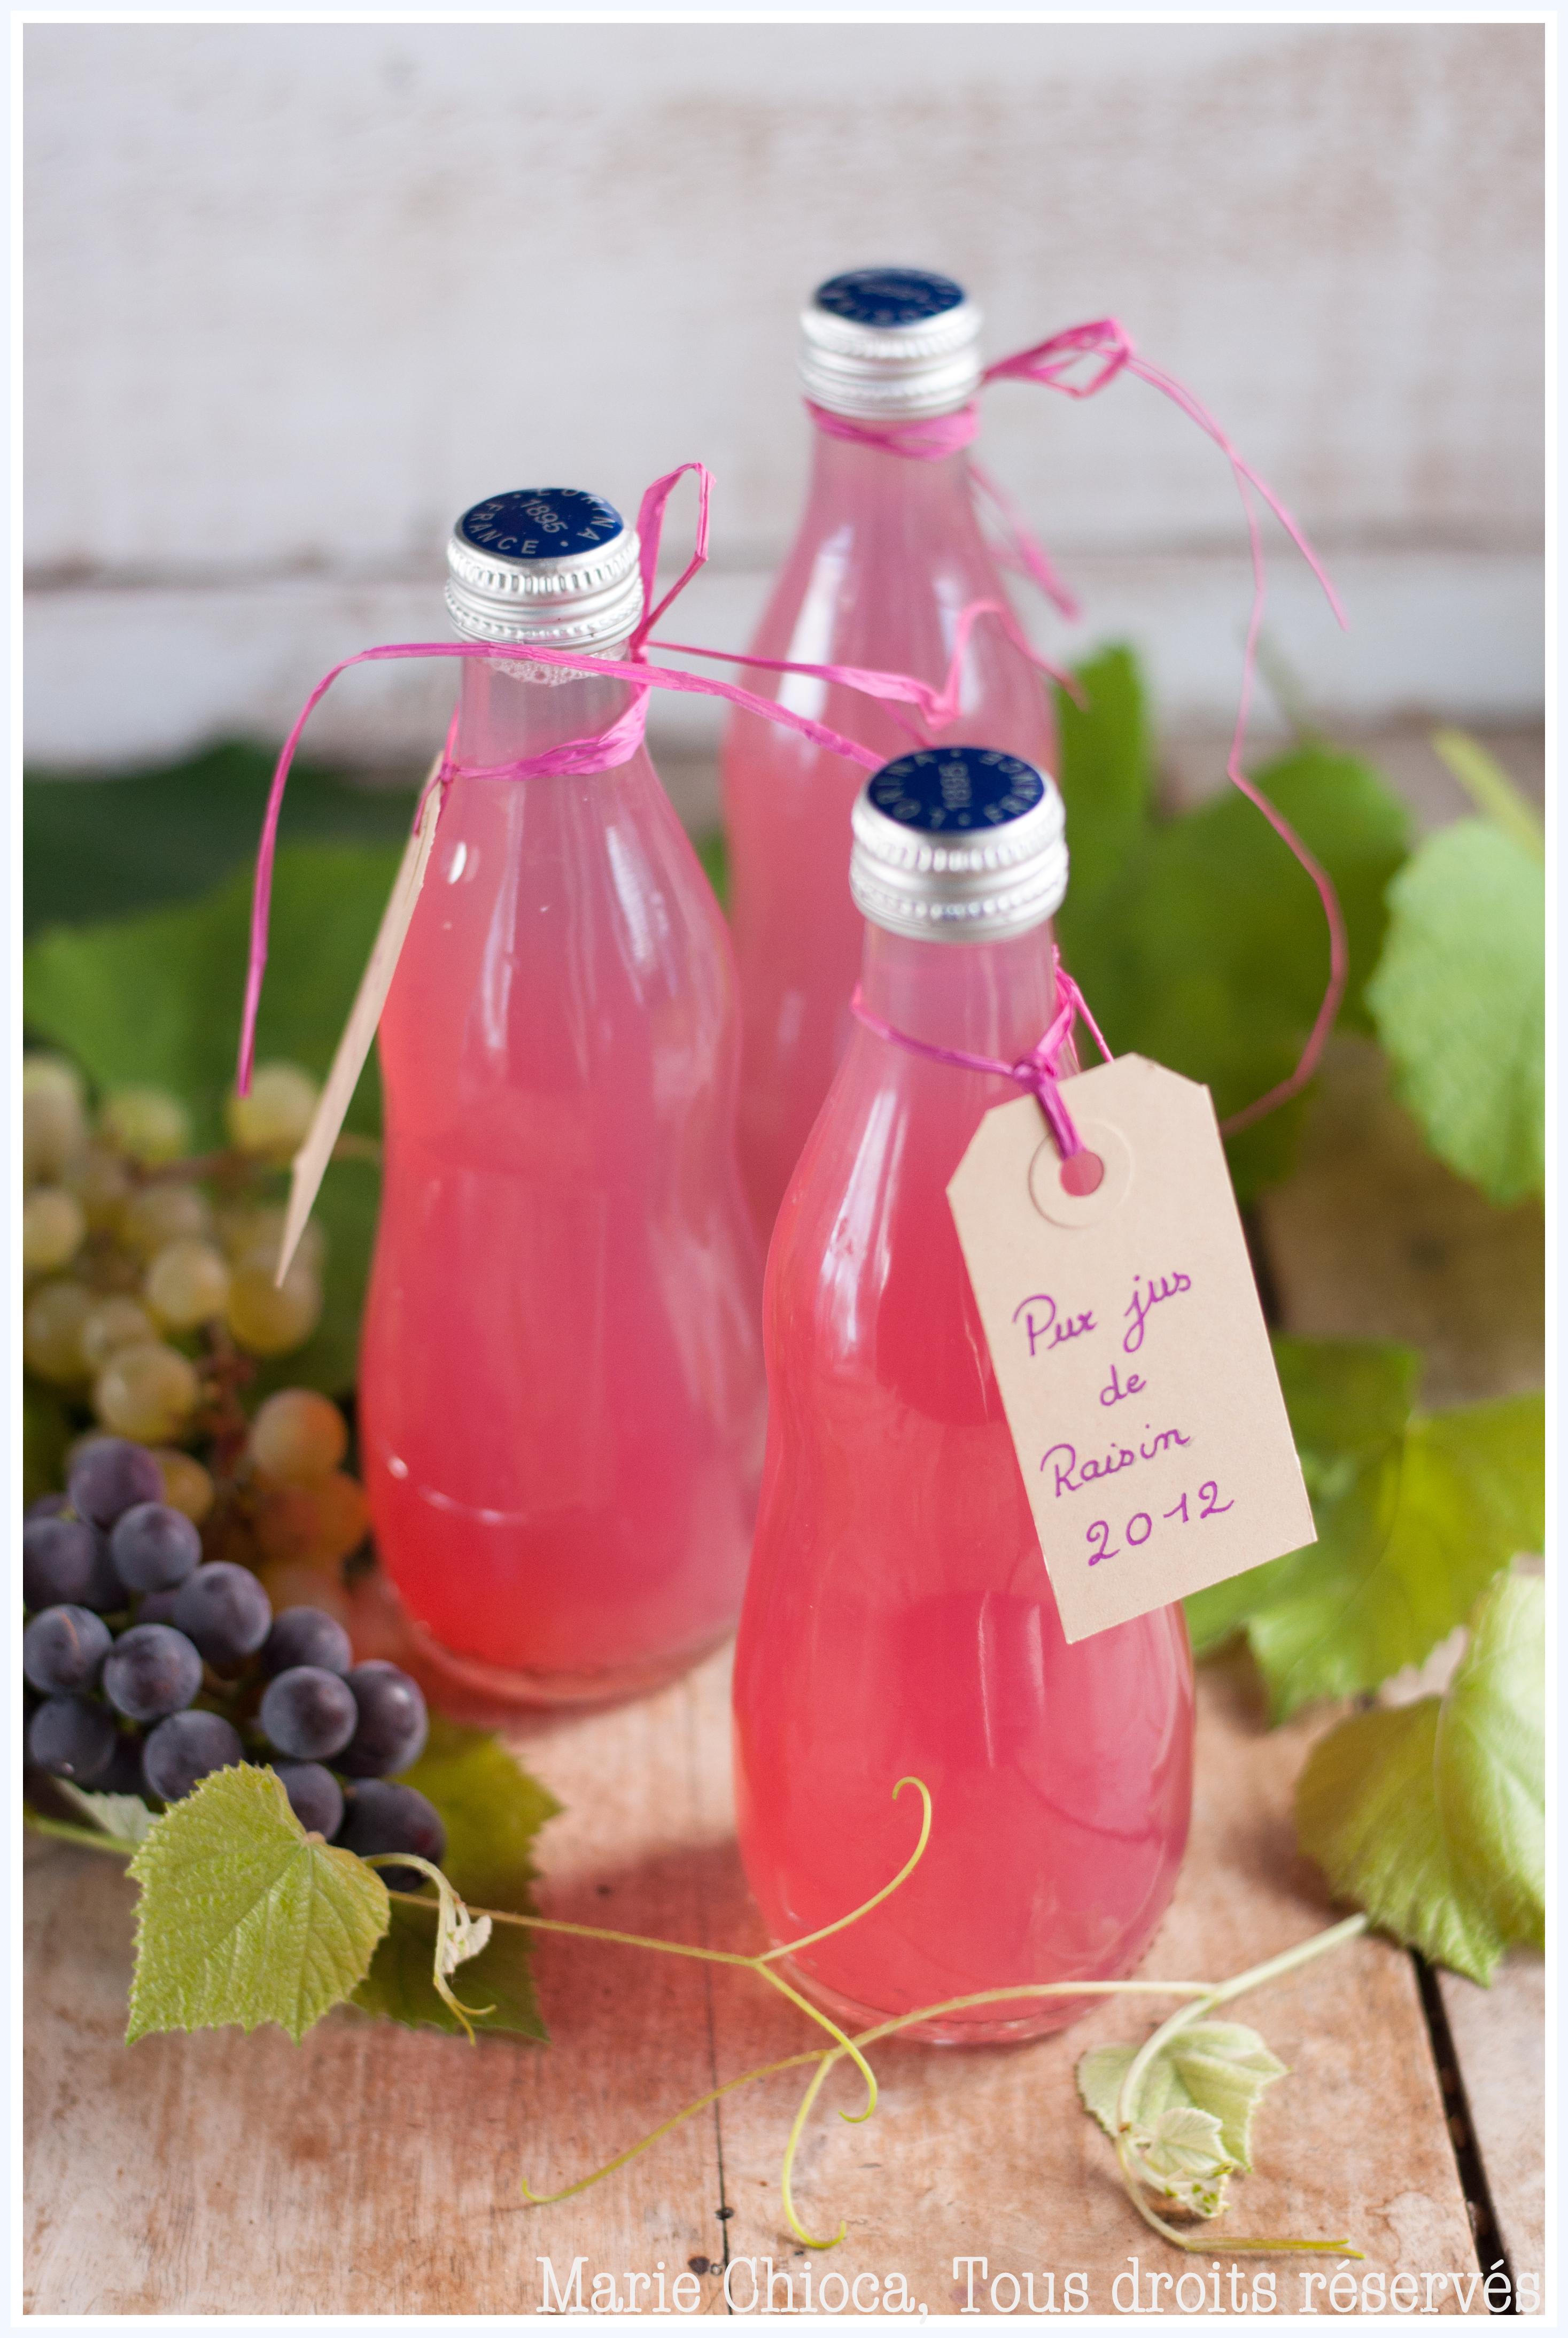 pur jus de raisin rose de la treille-2